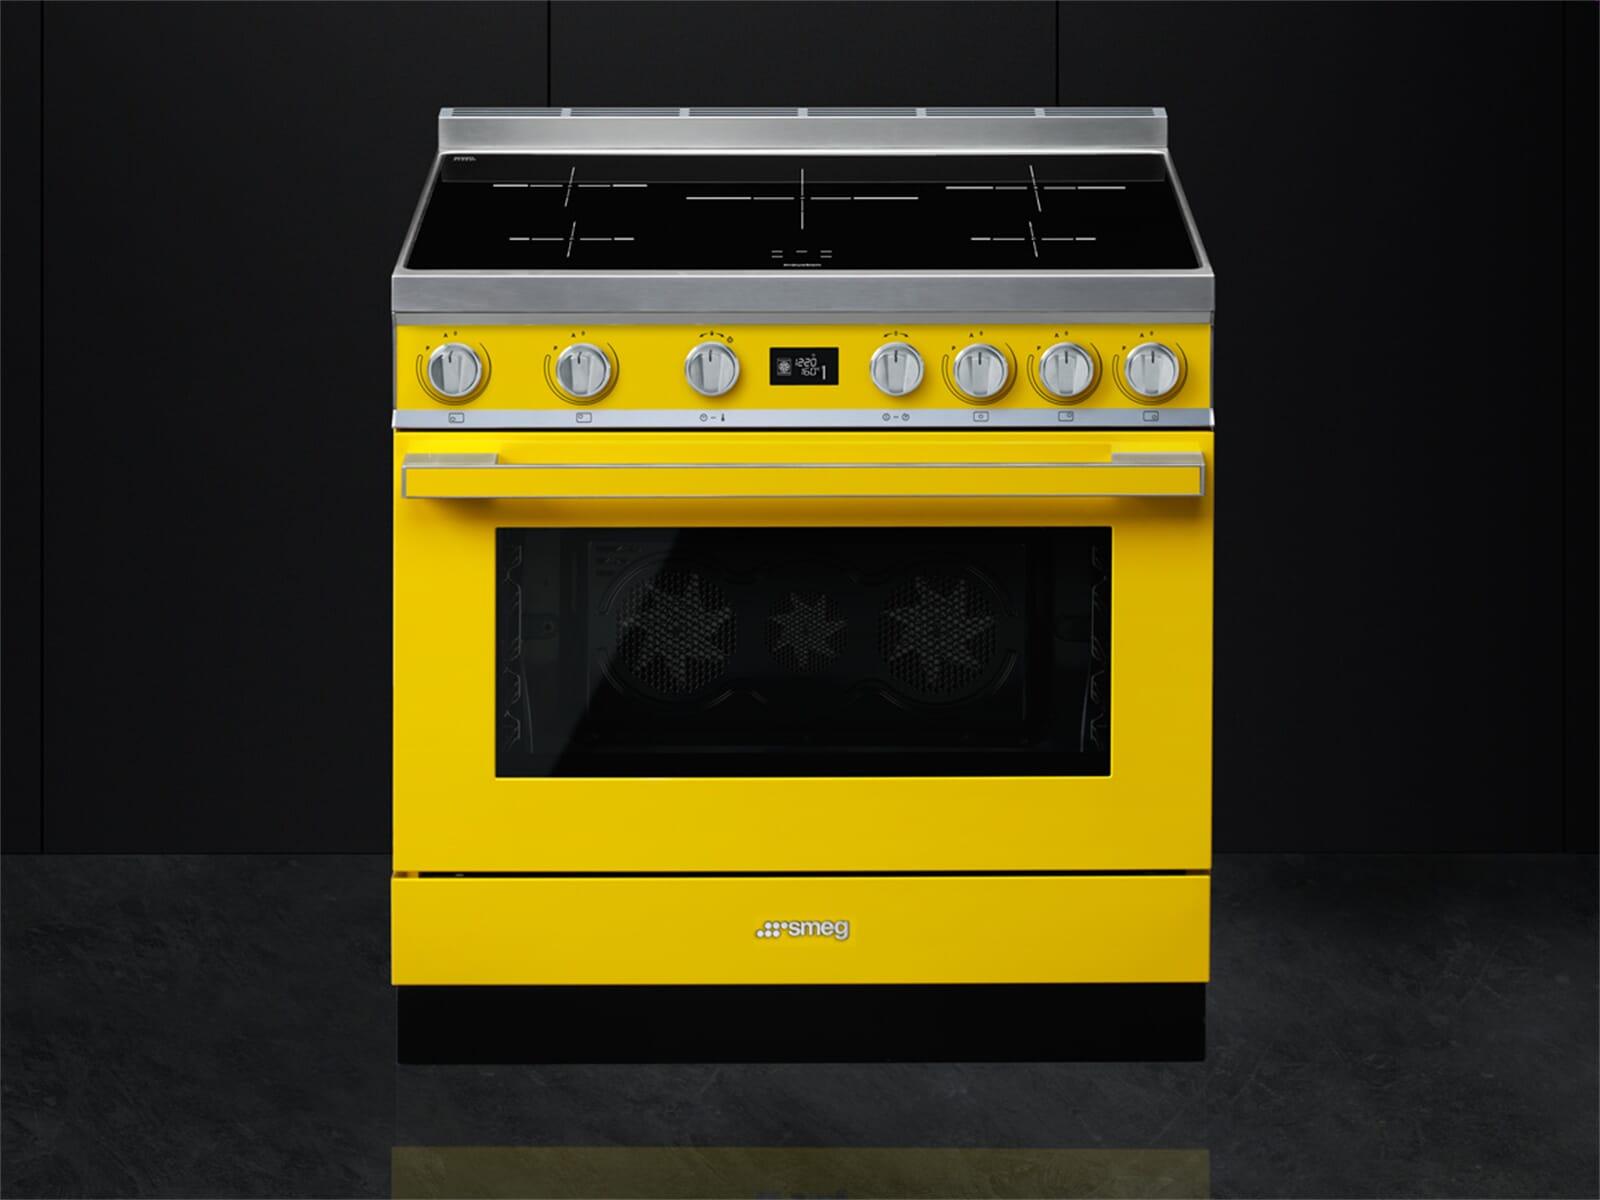 Smeg Kühlschrank Gelb : Smeg deutschland hausgeräte made in italy mit design und